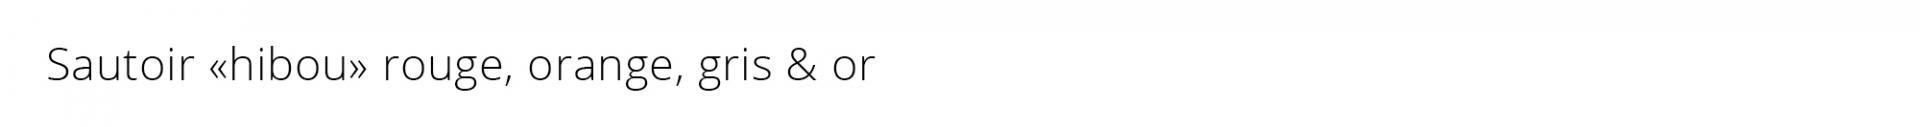 Titre sautoir hibou rouge orange